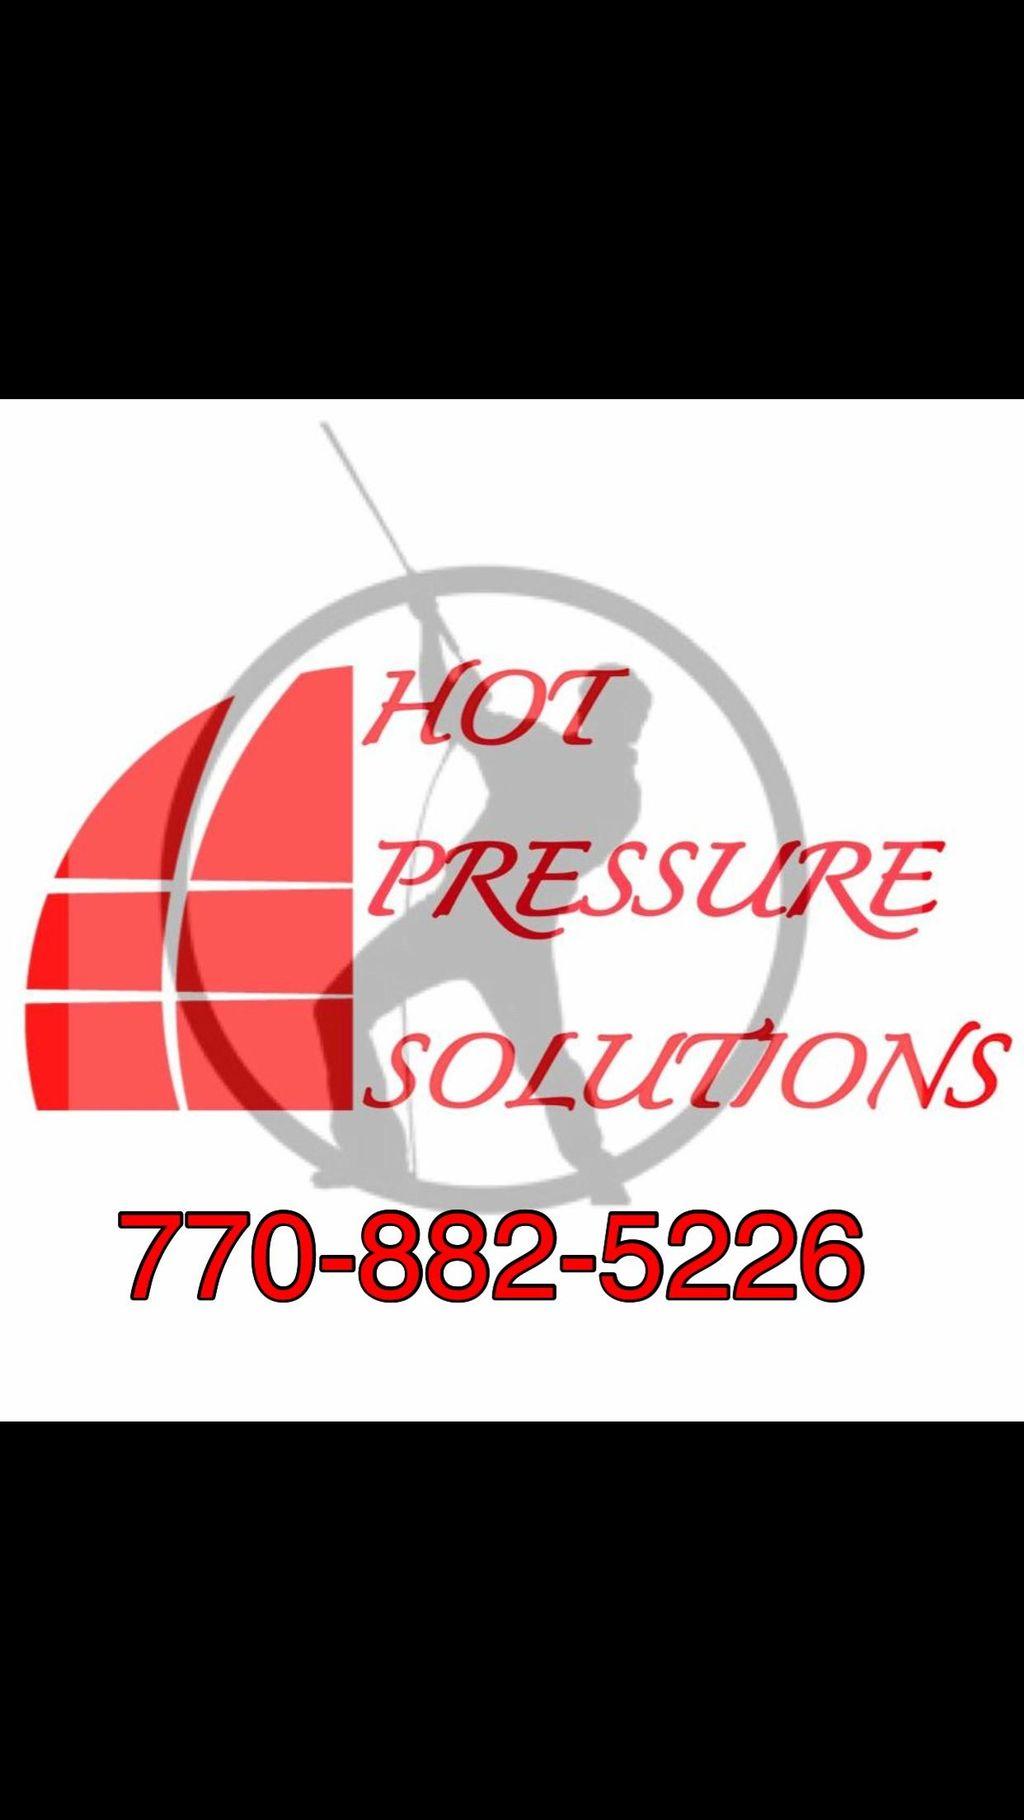 Hot Pressure Solutions L.L.C.